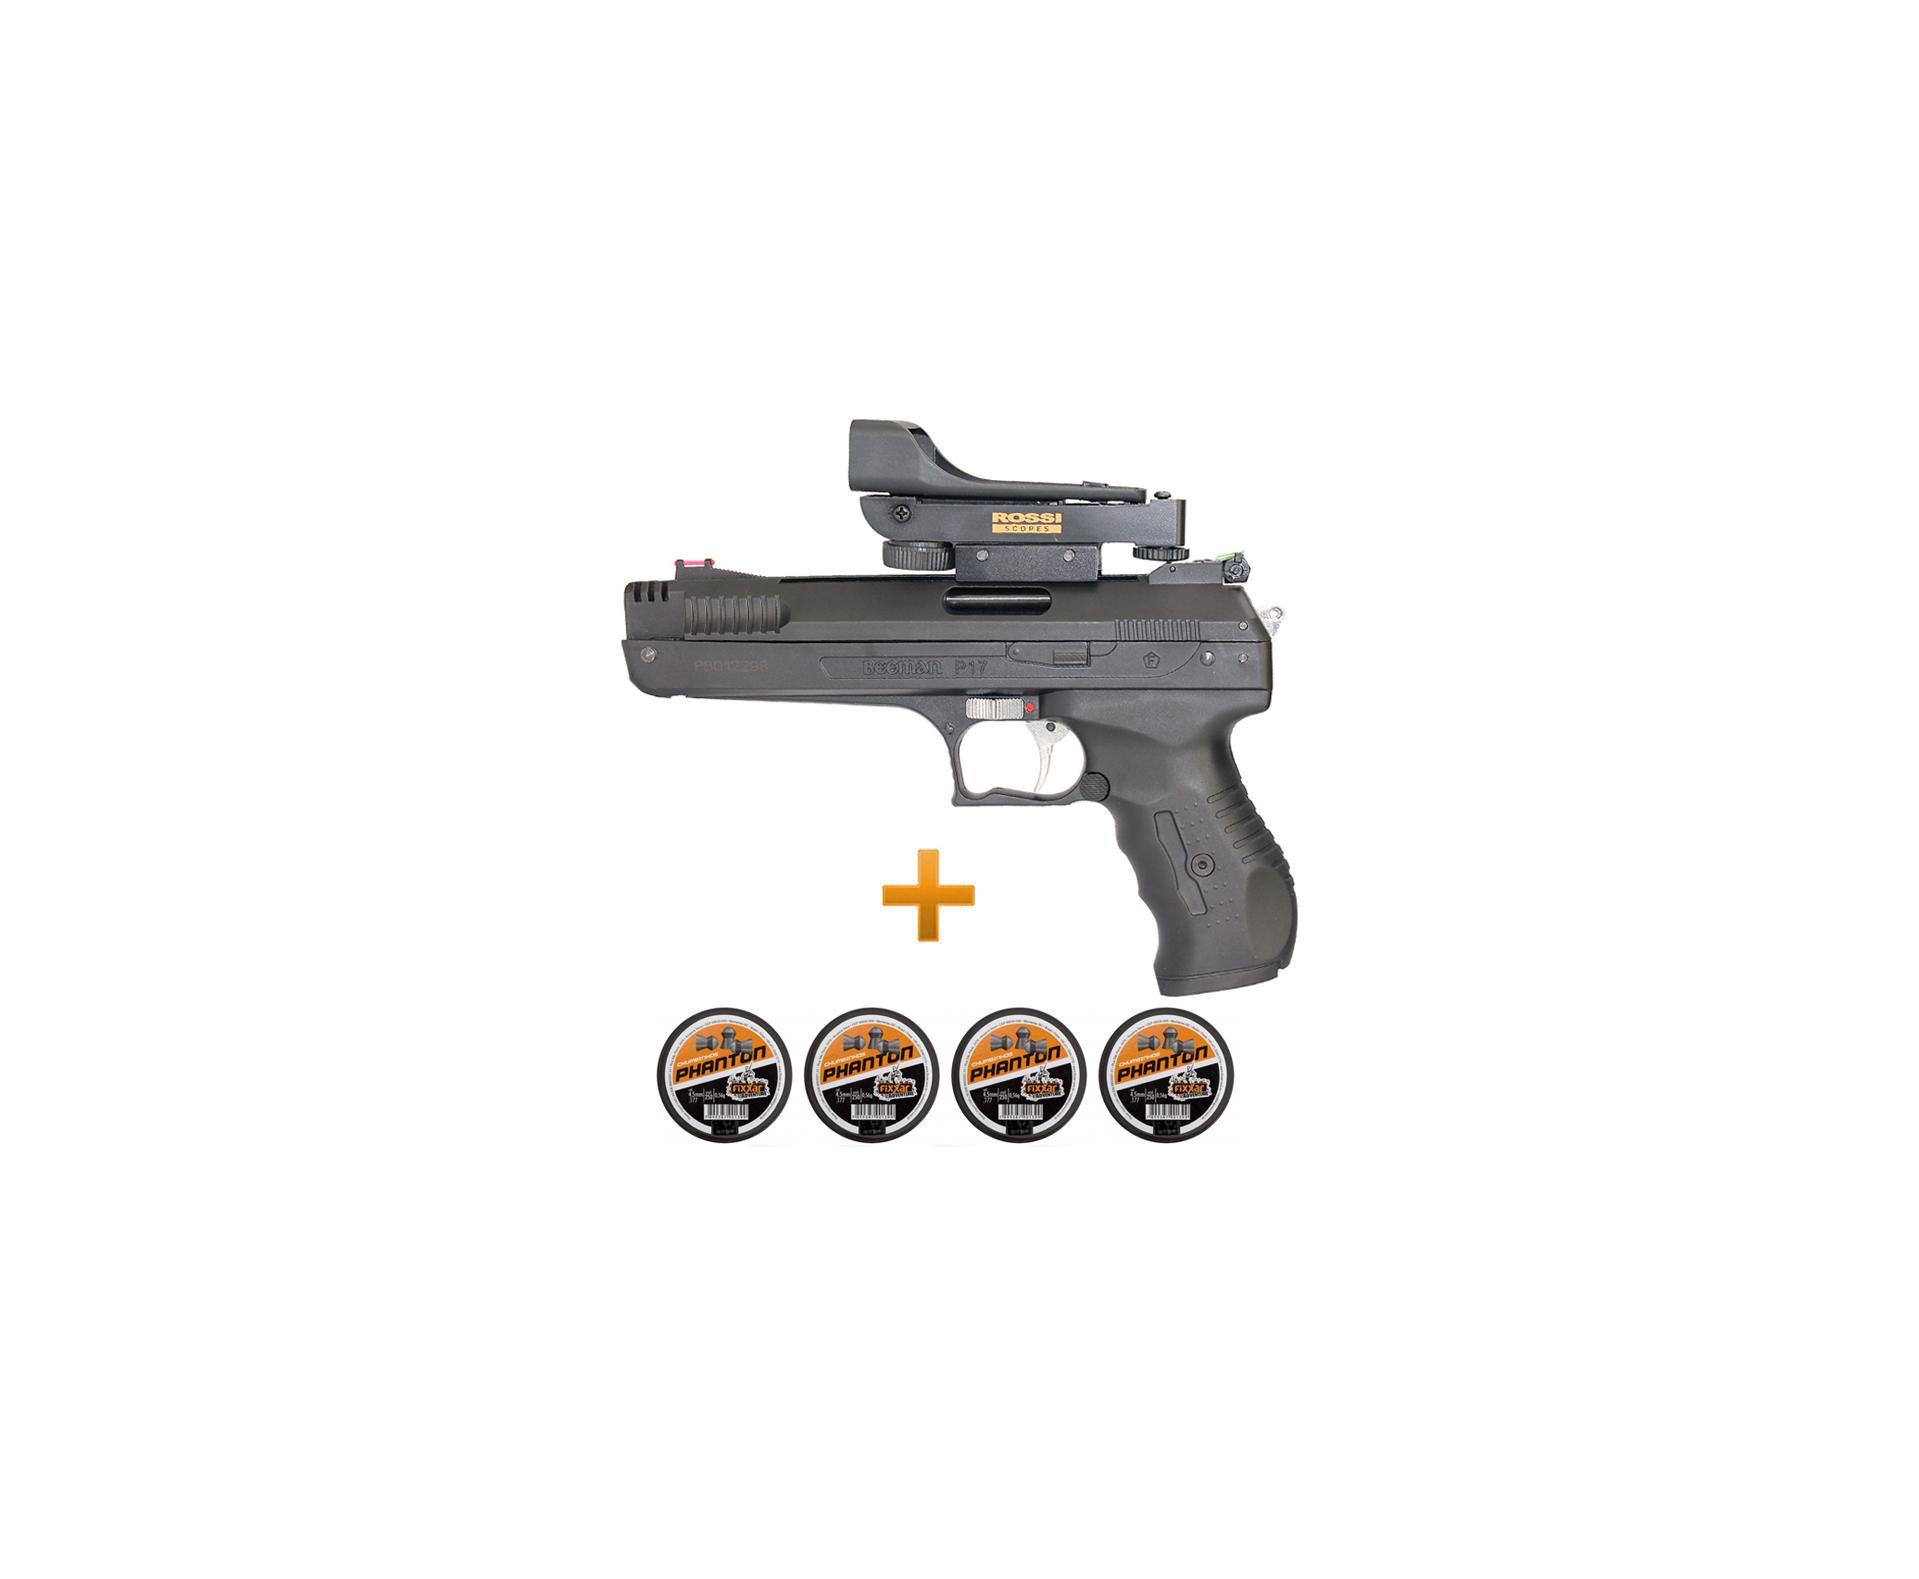 Pistola De Pressão Beeman 2006 P-17 Cal 4,5mm + Red Dot Rossi + Cumbinhos - Beeman